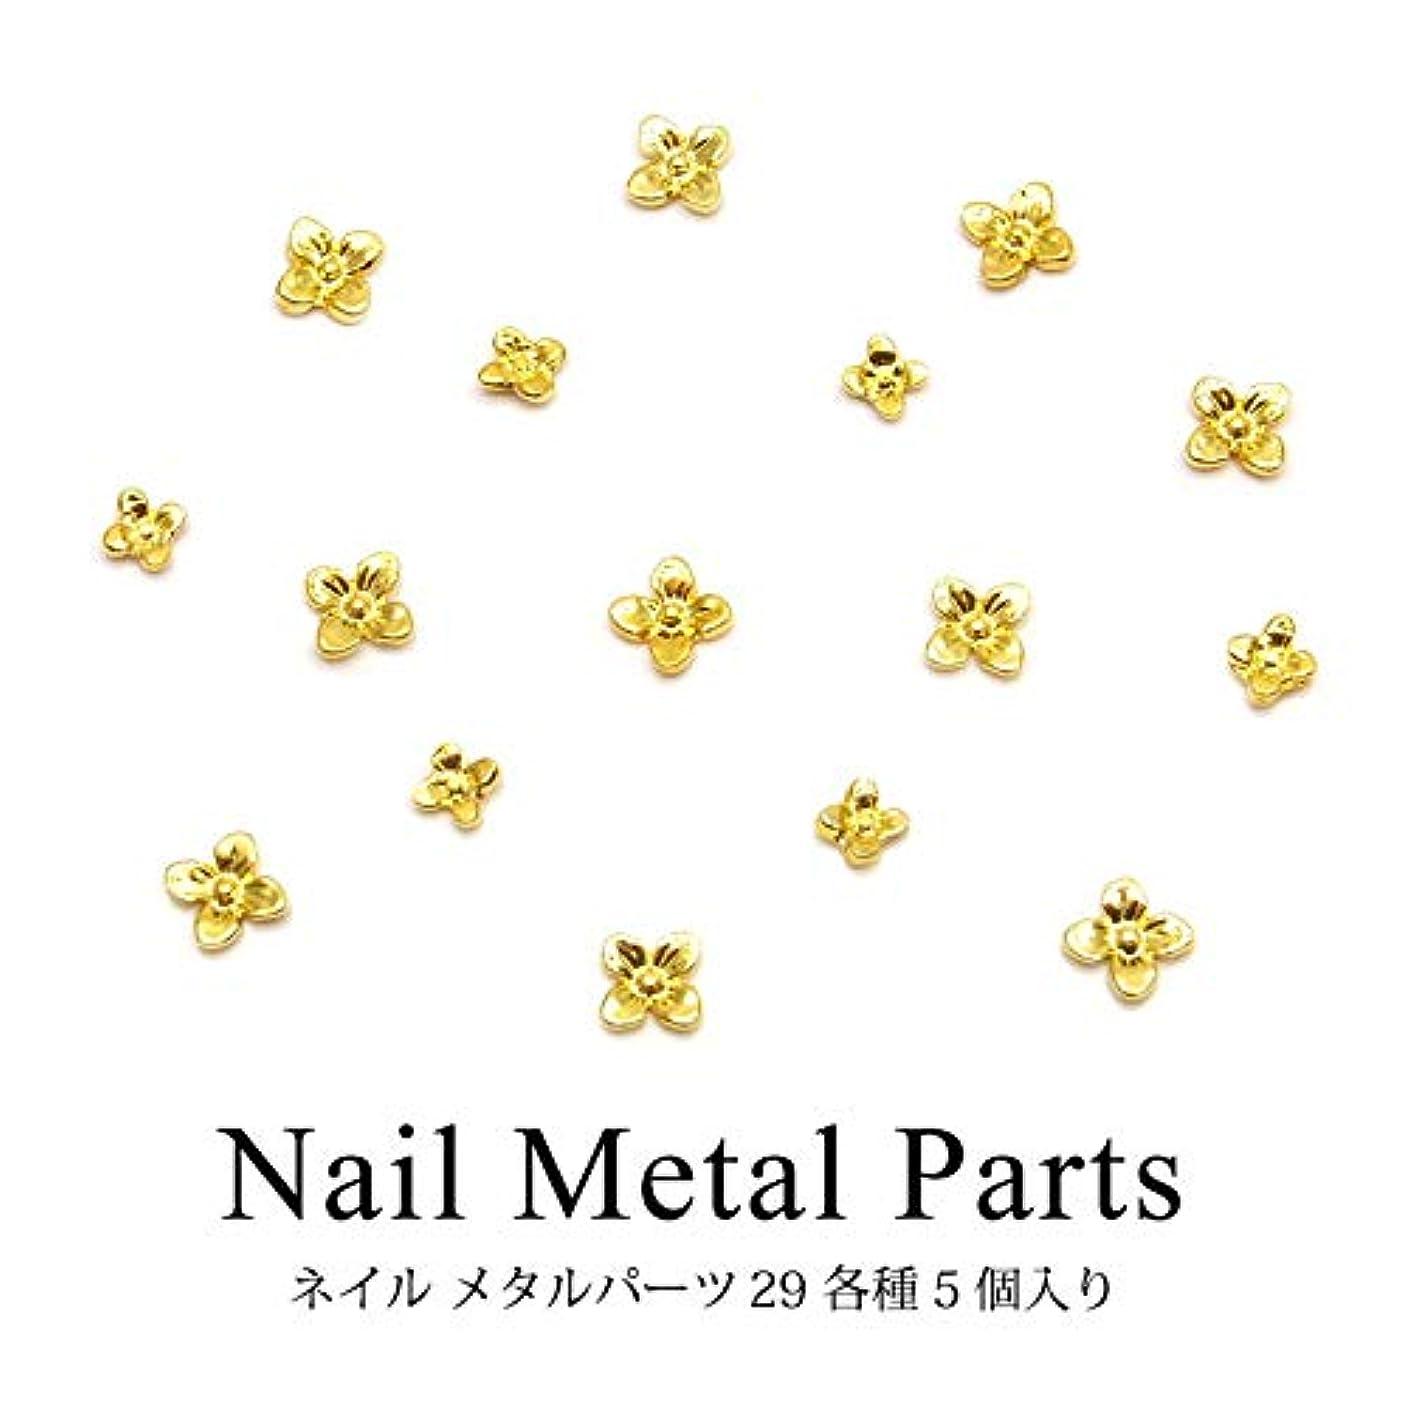 剣ペンス雲ネイル メタルパーツ 29 各種5個入り (シルバー, 1.リトルフラワー 小)